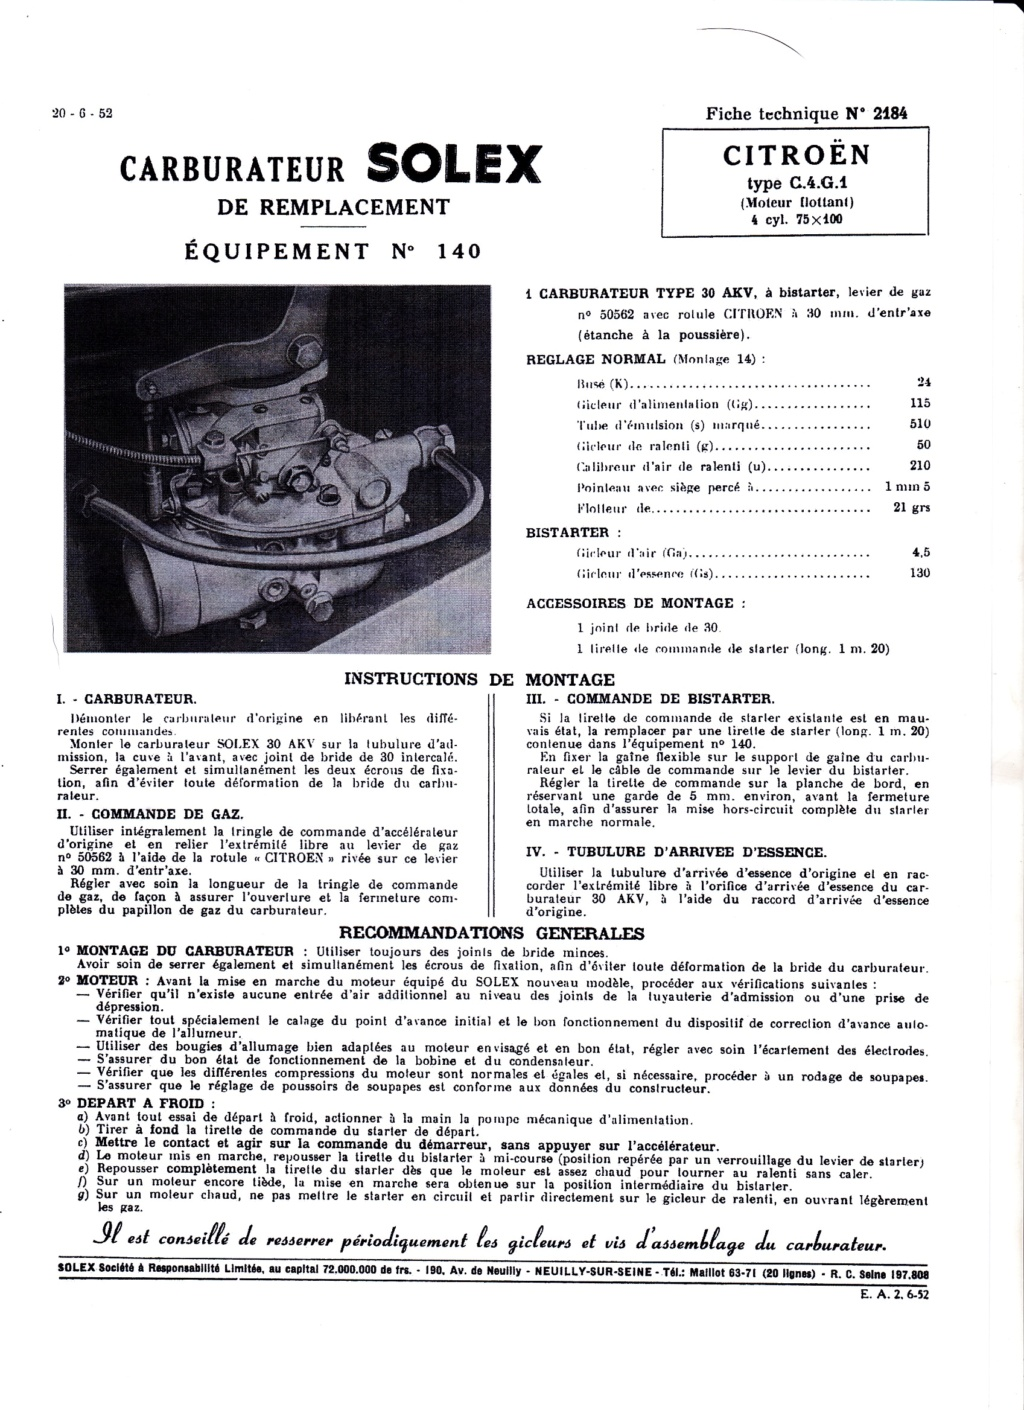 SOLEX 30AKV Fiche_10